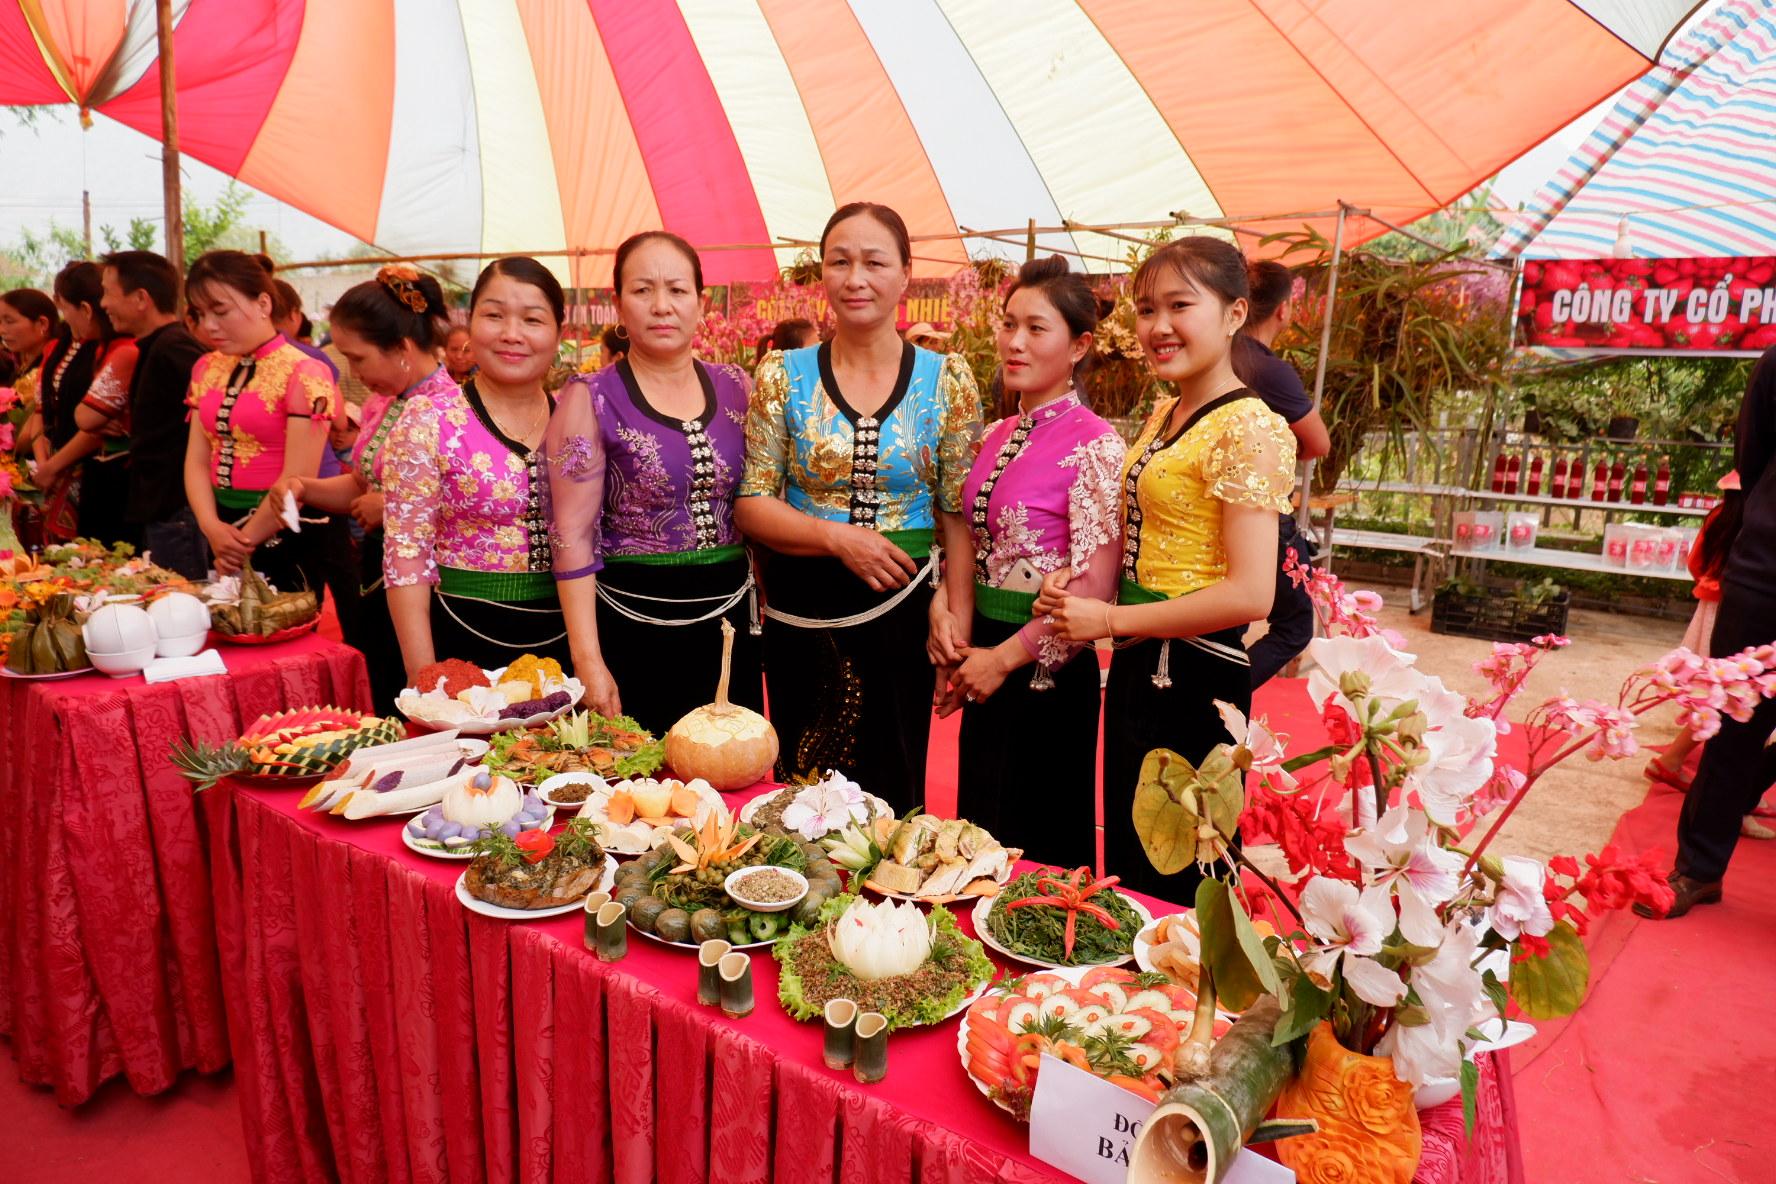 Cuộc thi nấu ăn và trưng bày ẩm thực